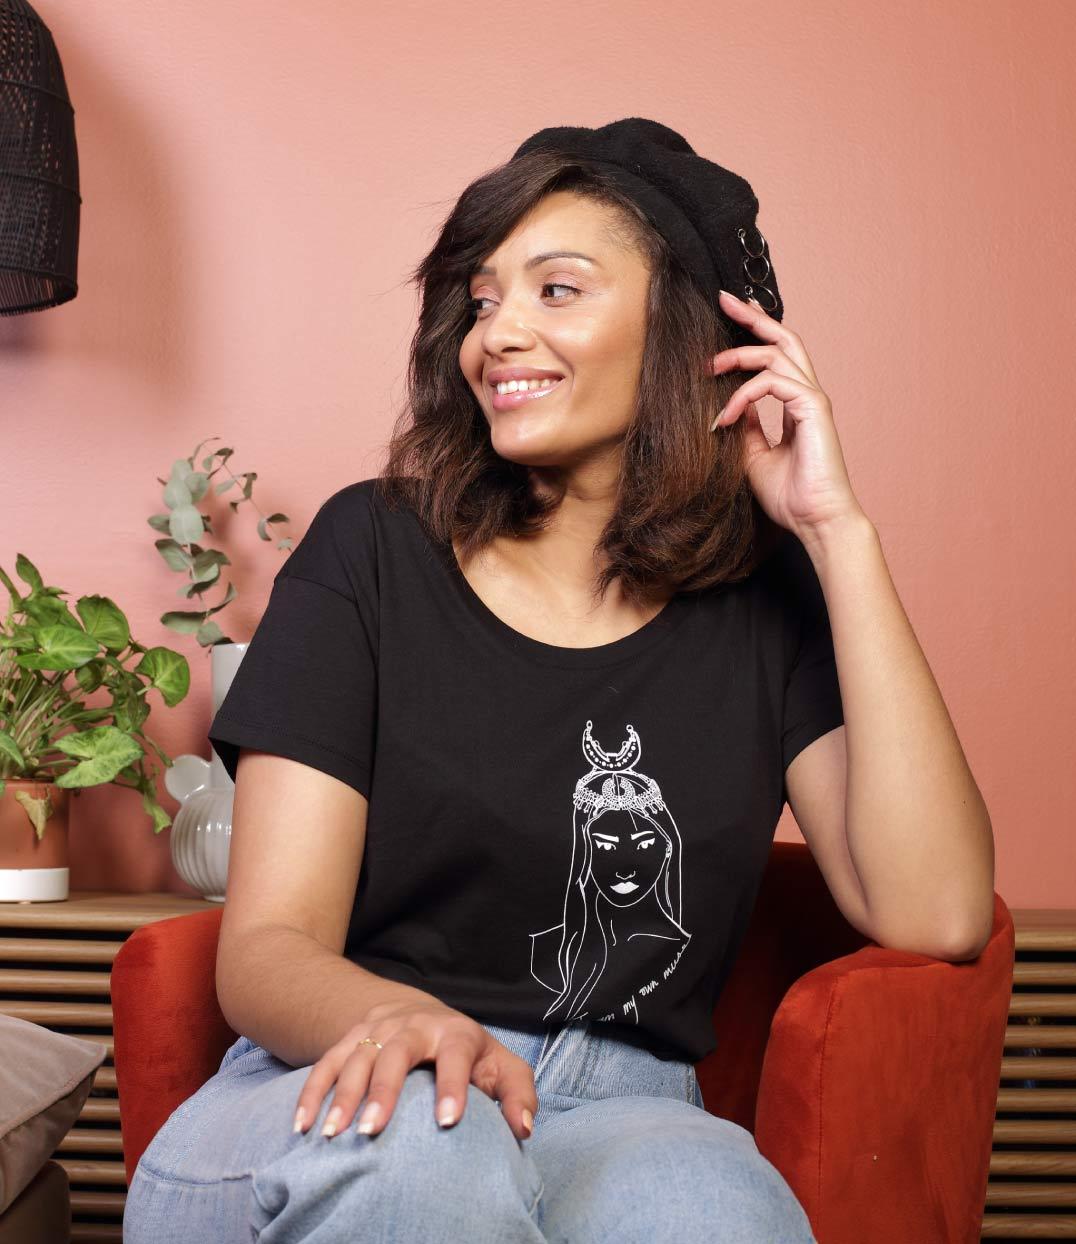 femme assise sur un fauteuil qui porte le t-shirt coyoqui noir loose